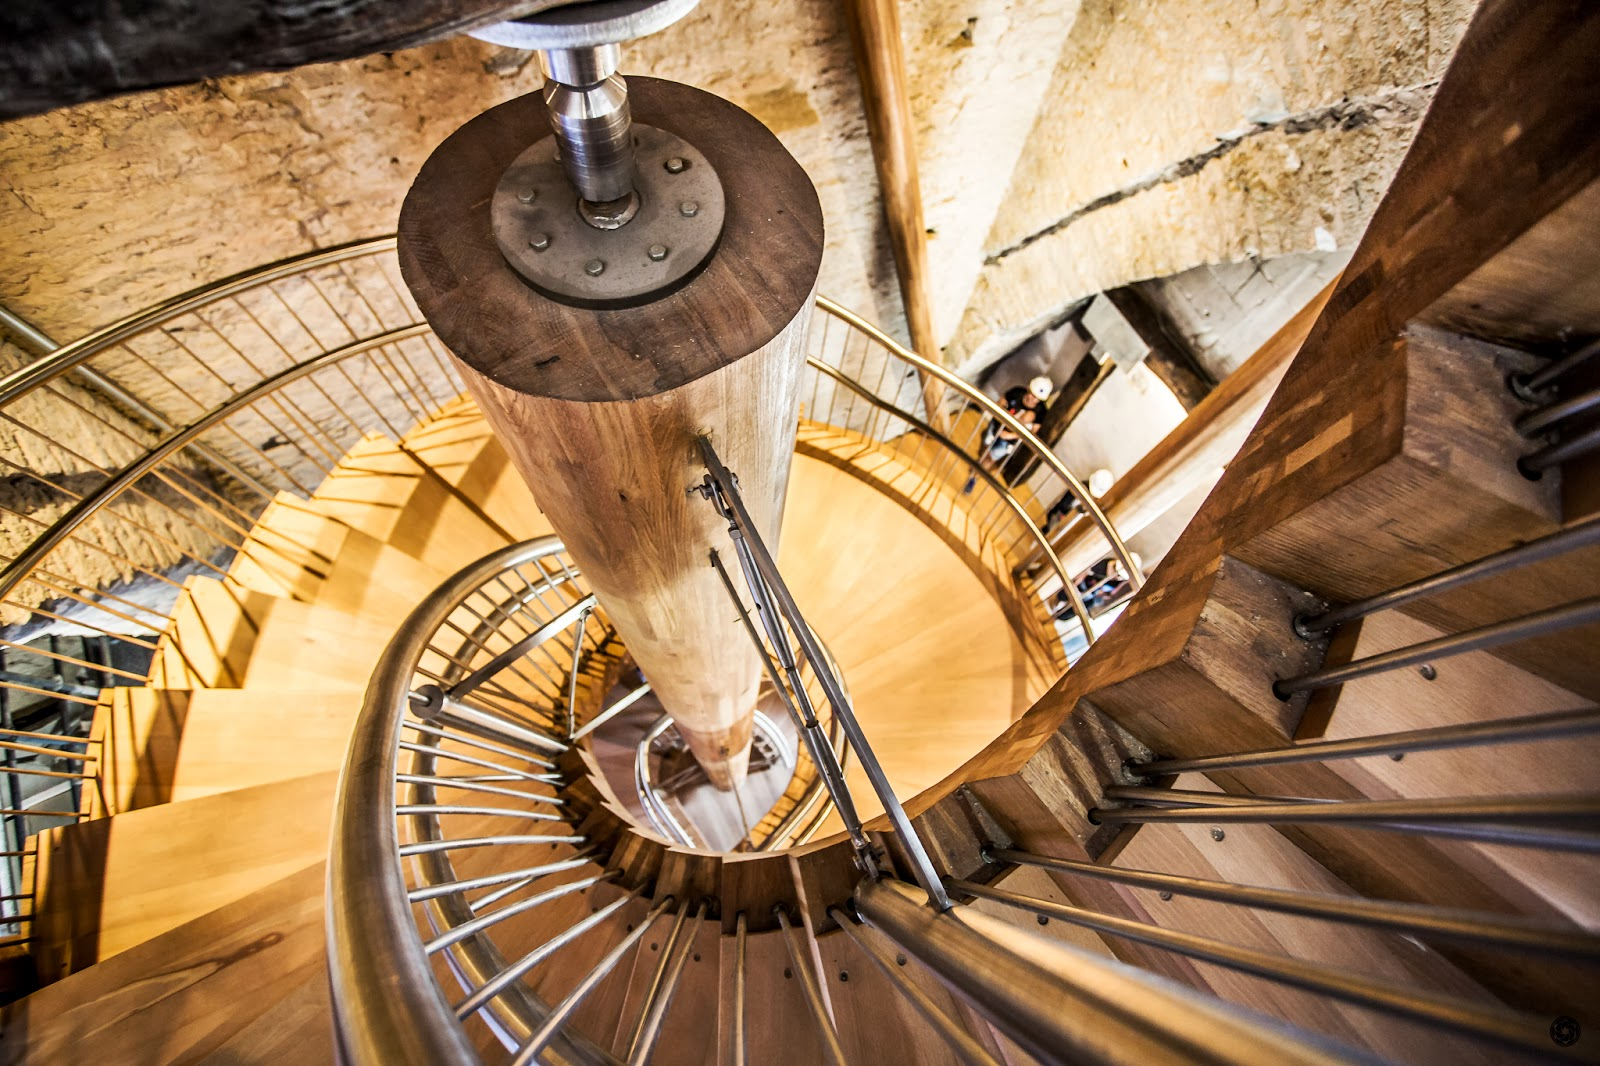 Nueva escalera de acceso a la torre (2) :: Canon EOS 5D MkIII | ISO1600 | Canon 17-40 @17mm | f/4.0 | 1/25s